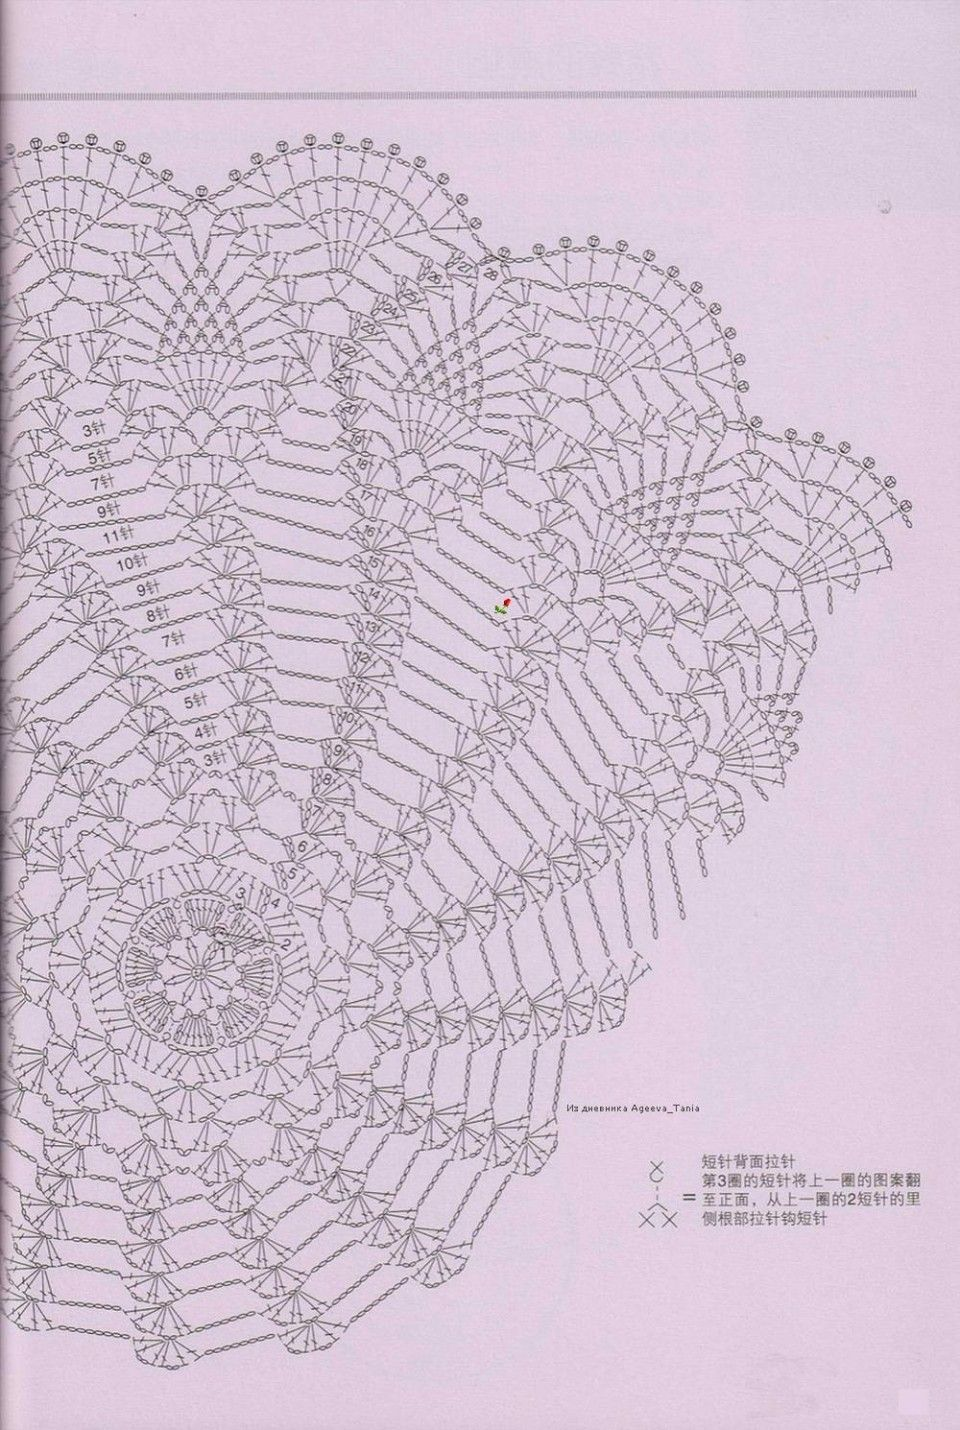 Centri Tondi E Grandi Alluncinetto Con Schema Croche Decora Diagram Crochet Doily Patterns Doilies Free Bb7dbddb1166f8cb110afcc74fd2411351c8d7244224643 Mandala Filet